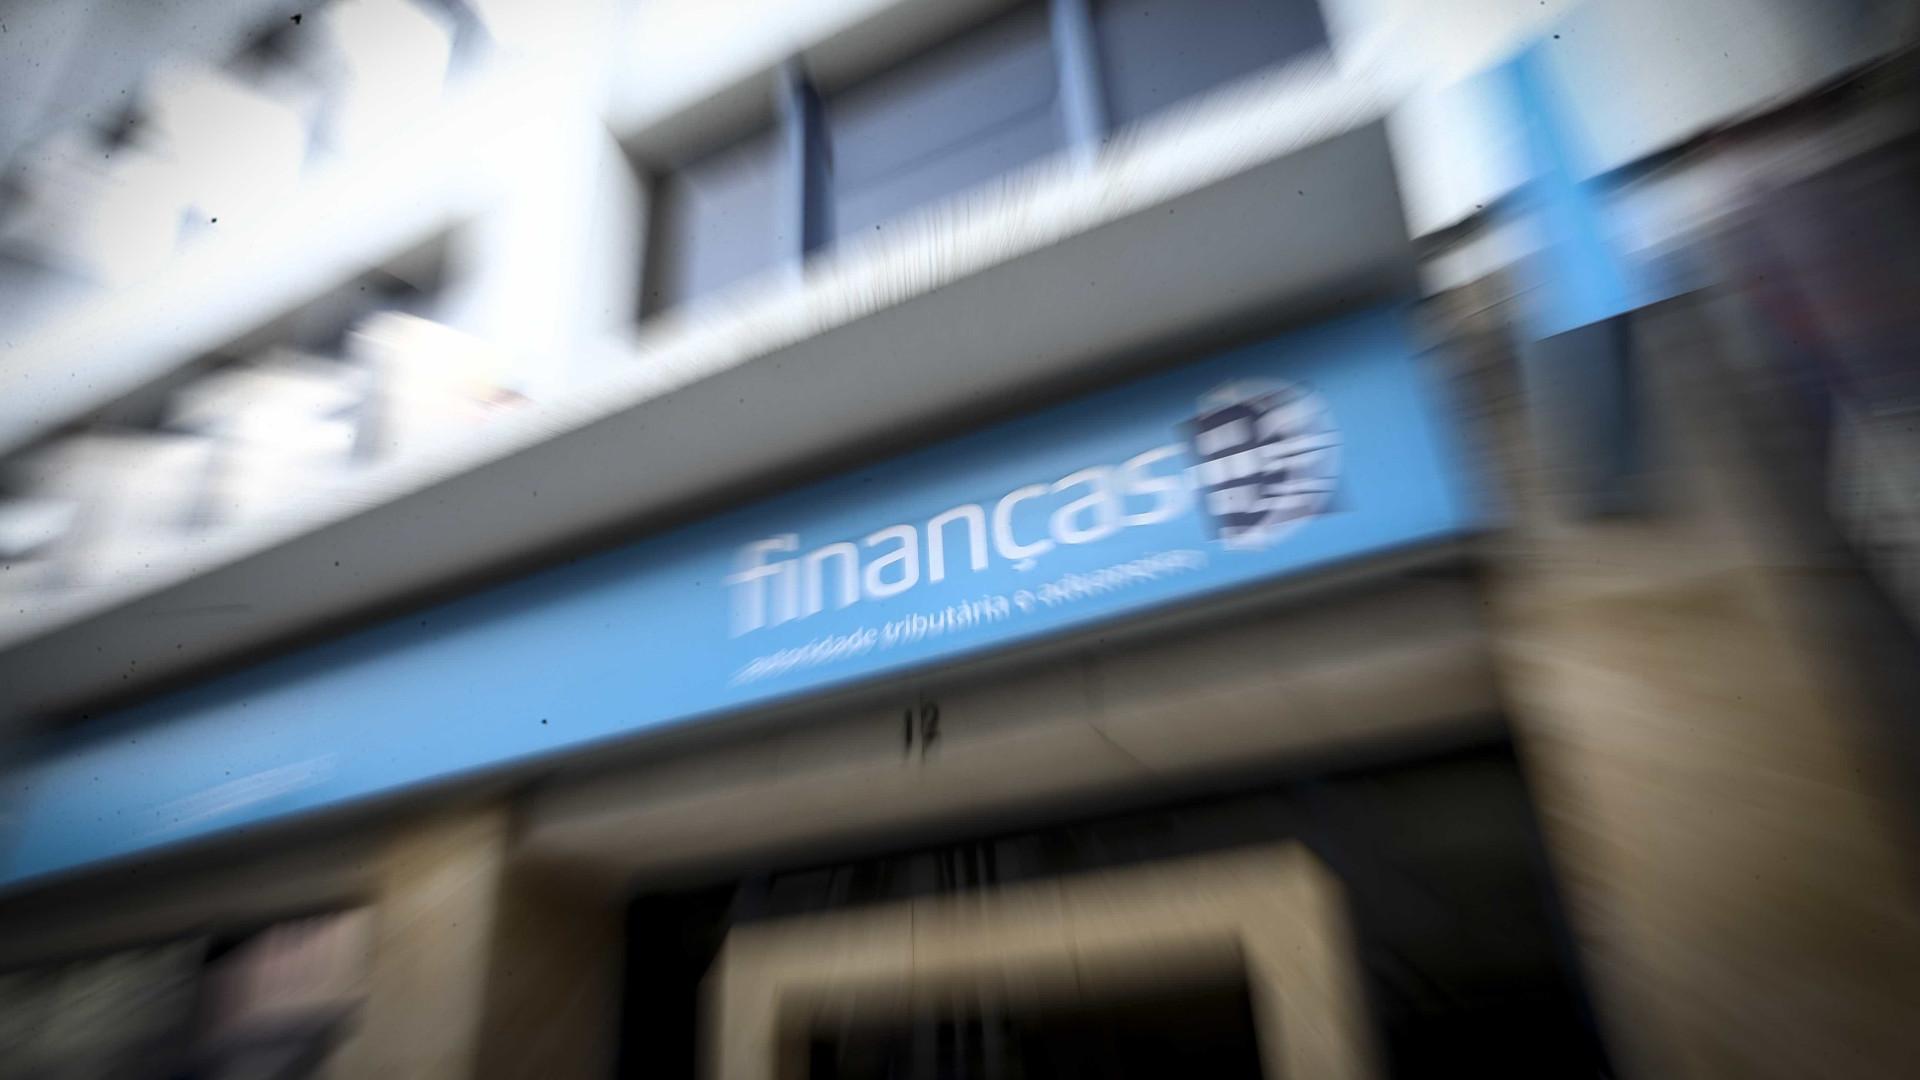 Bancos e seguradoras devem entregar declaração mensal do Imposto do Selo